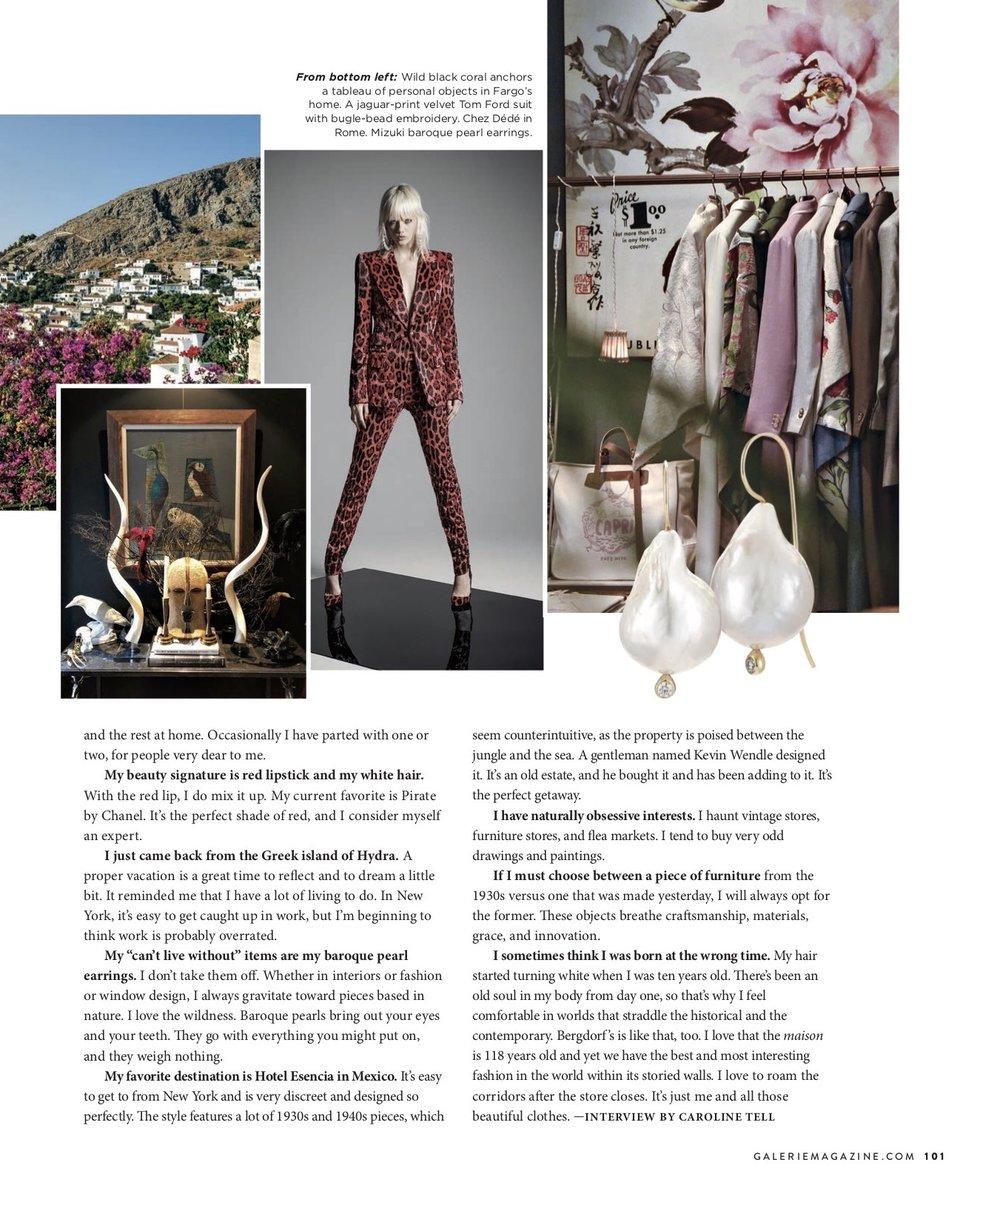 Galerie_Magazine copia 2.jpg